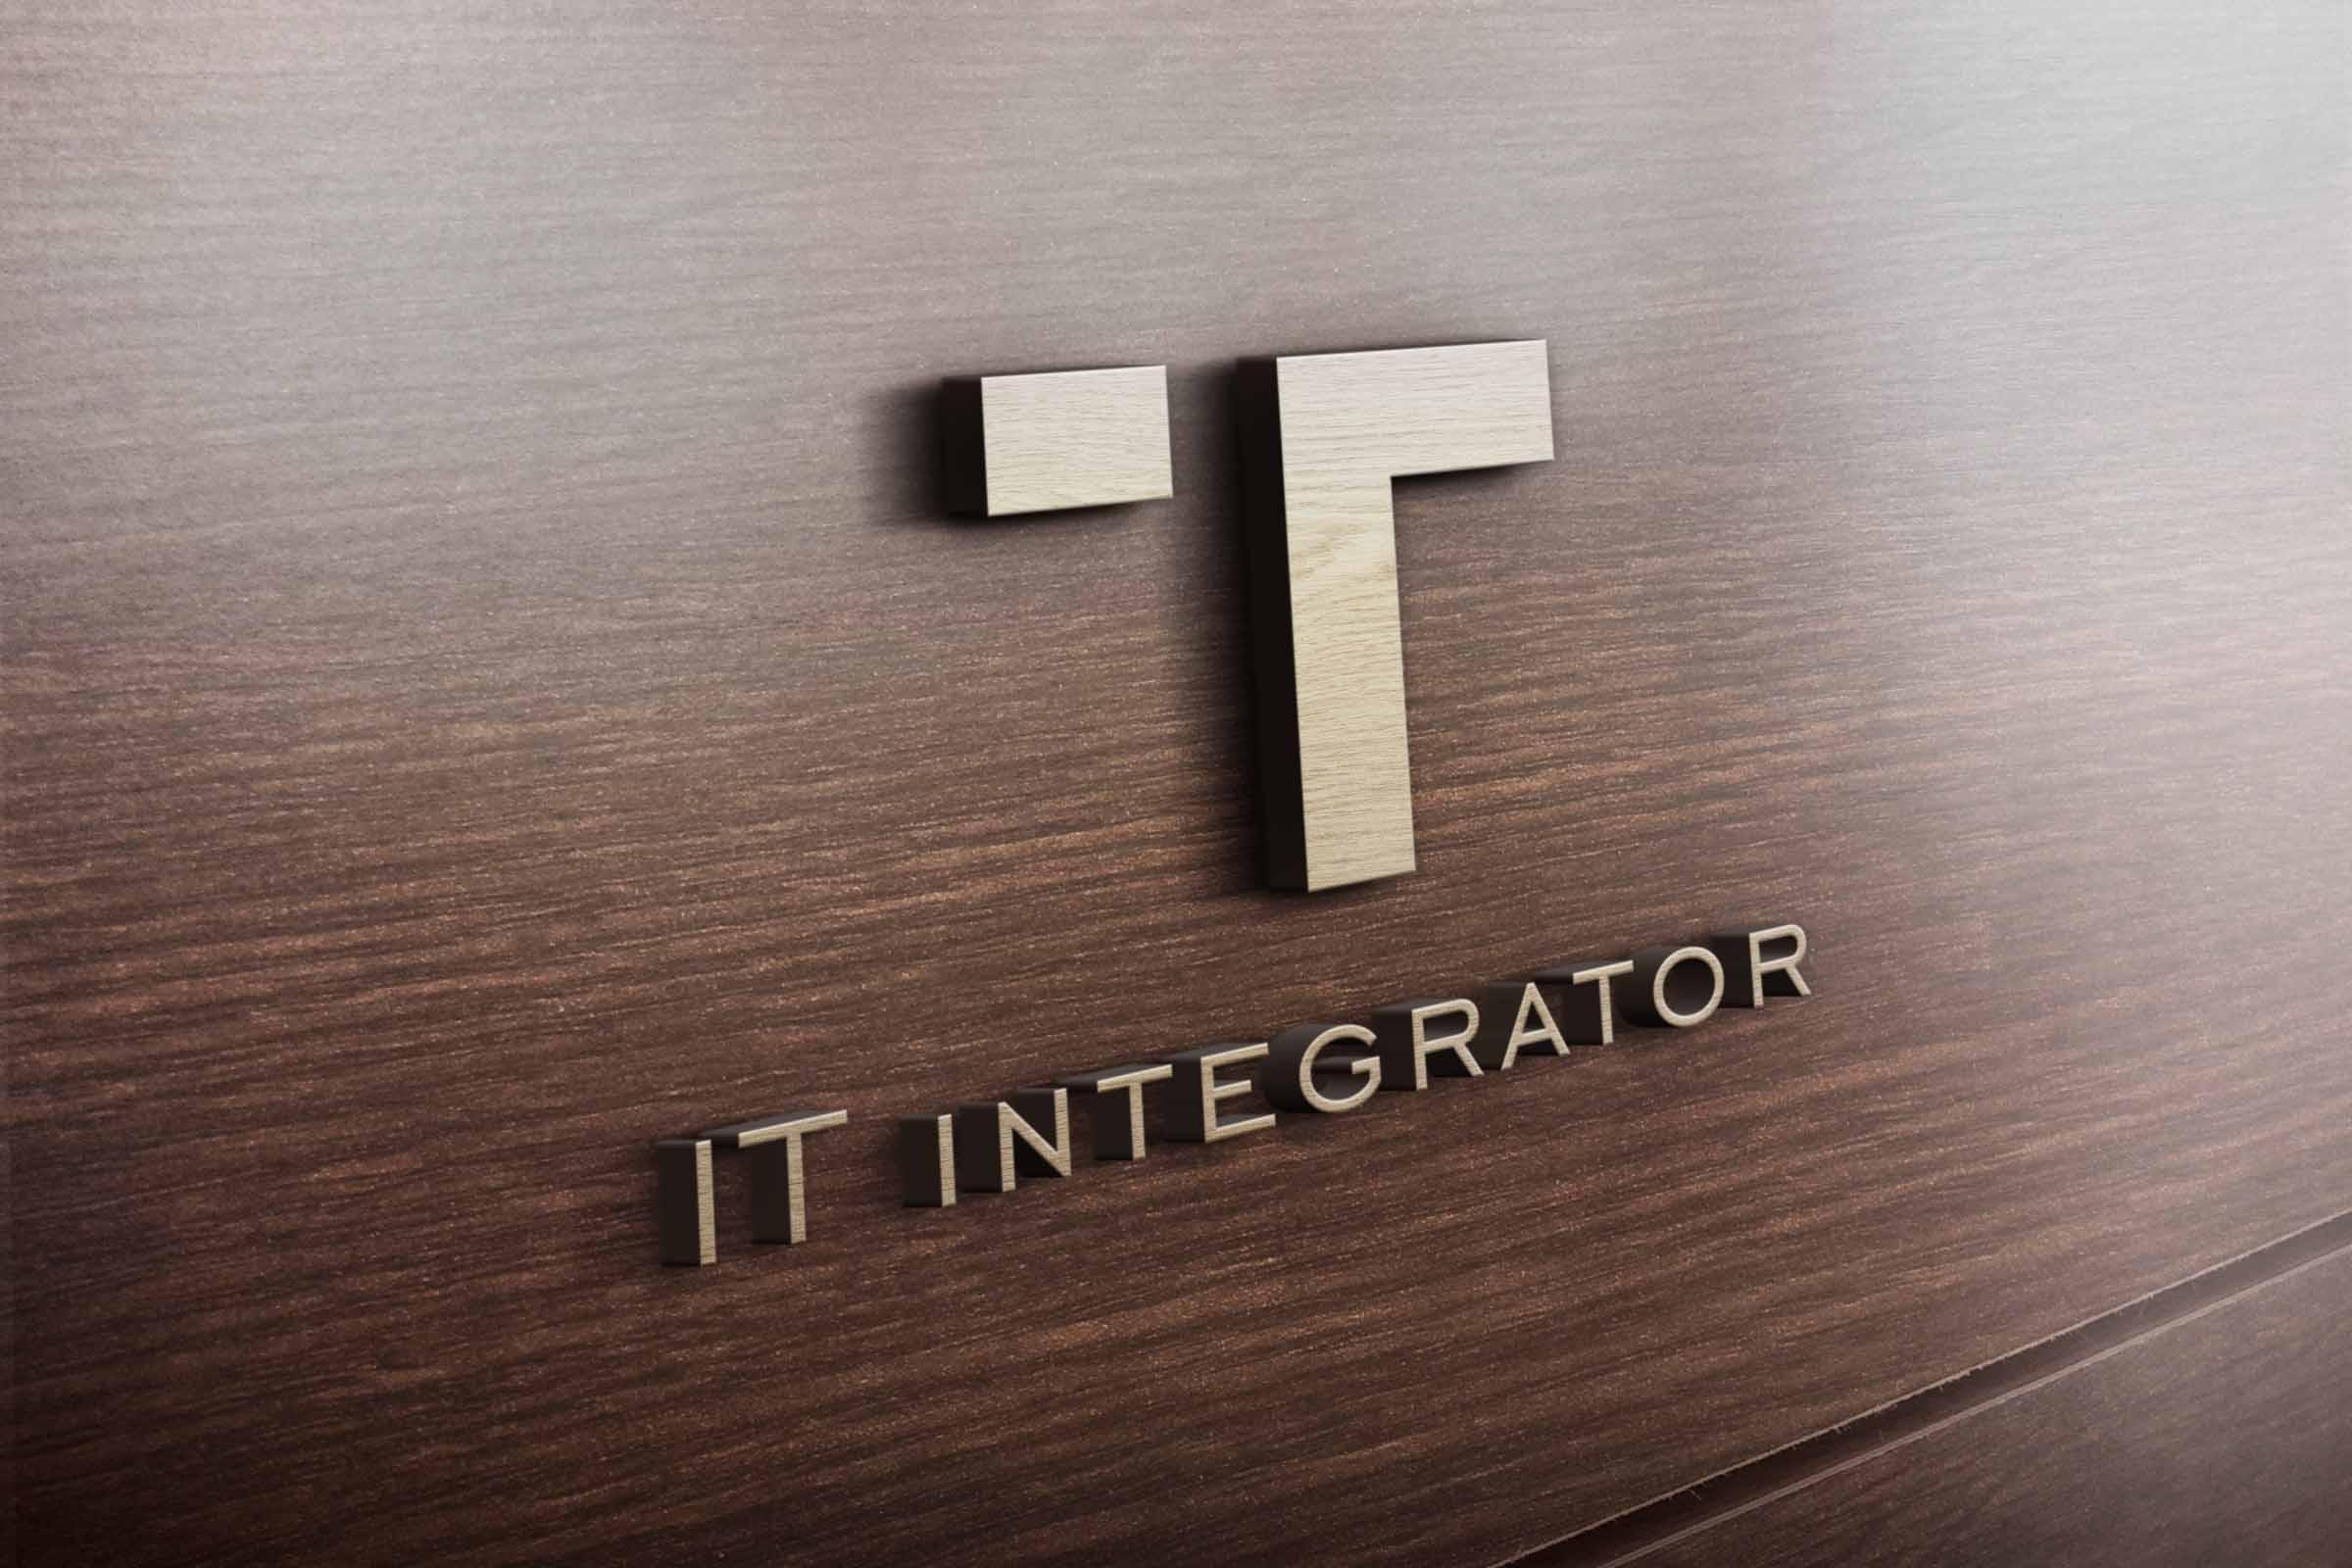 Логотип для IT интегратора фото f_283614c47d00a7ec.jpg